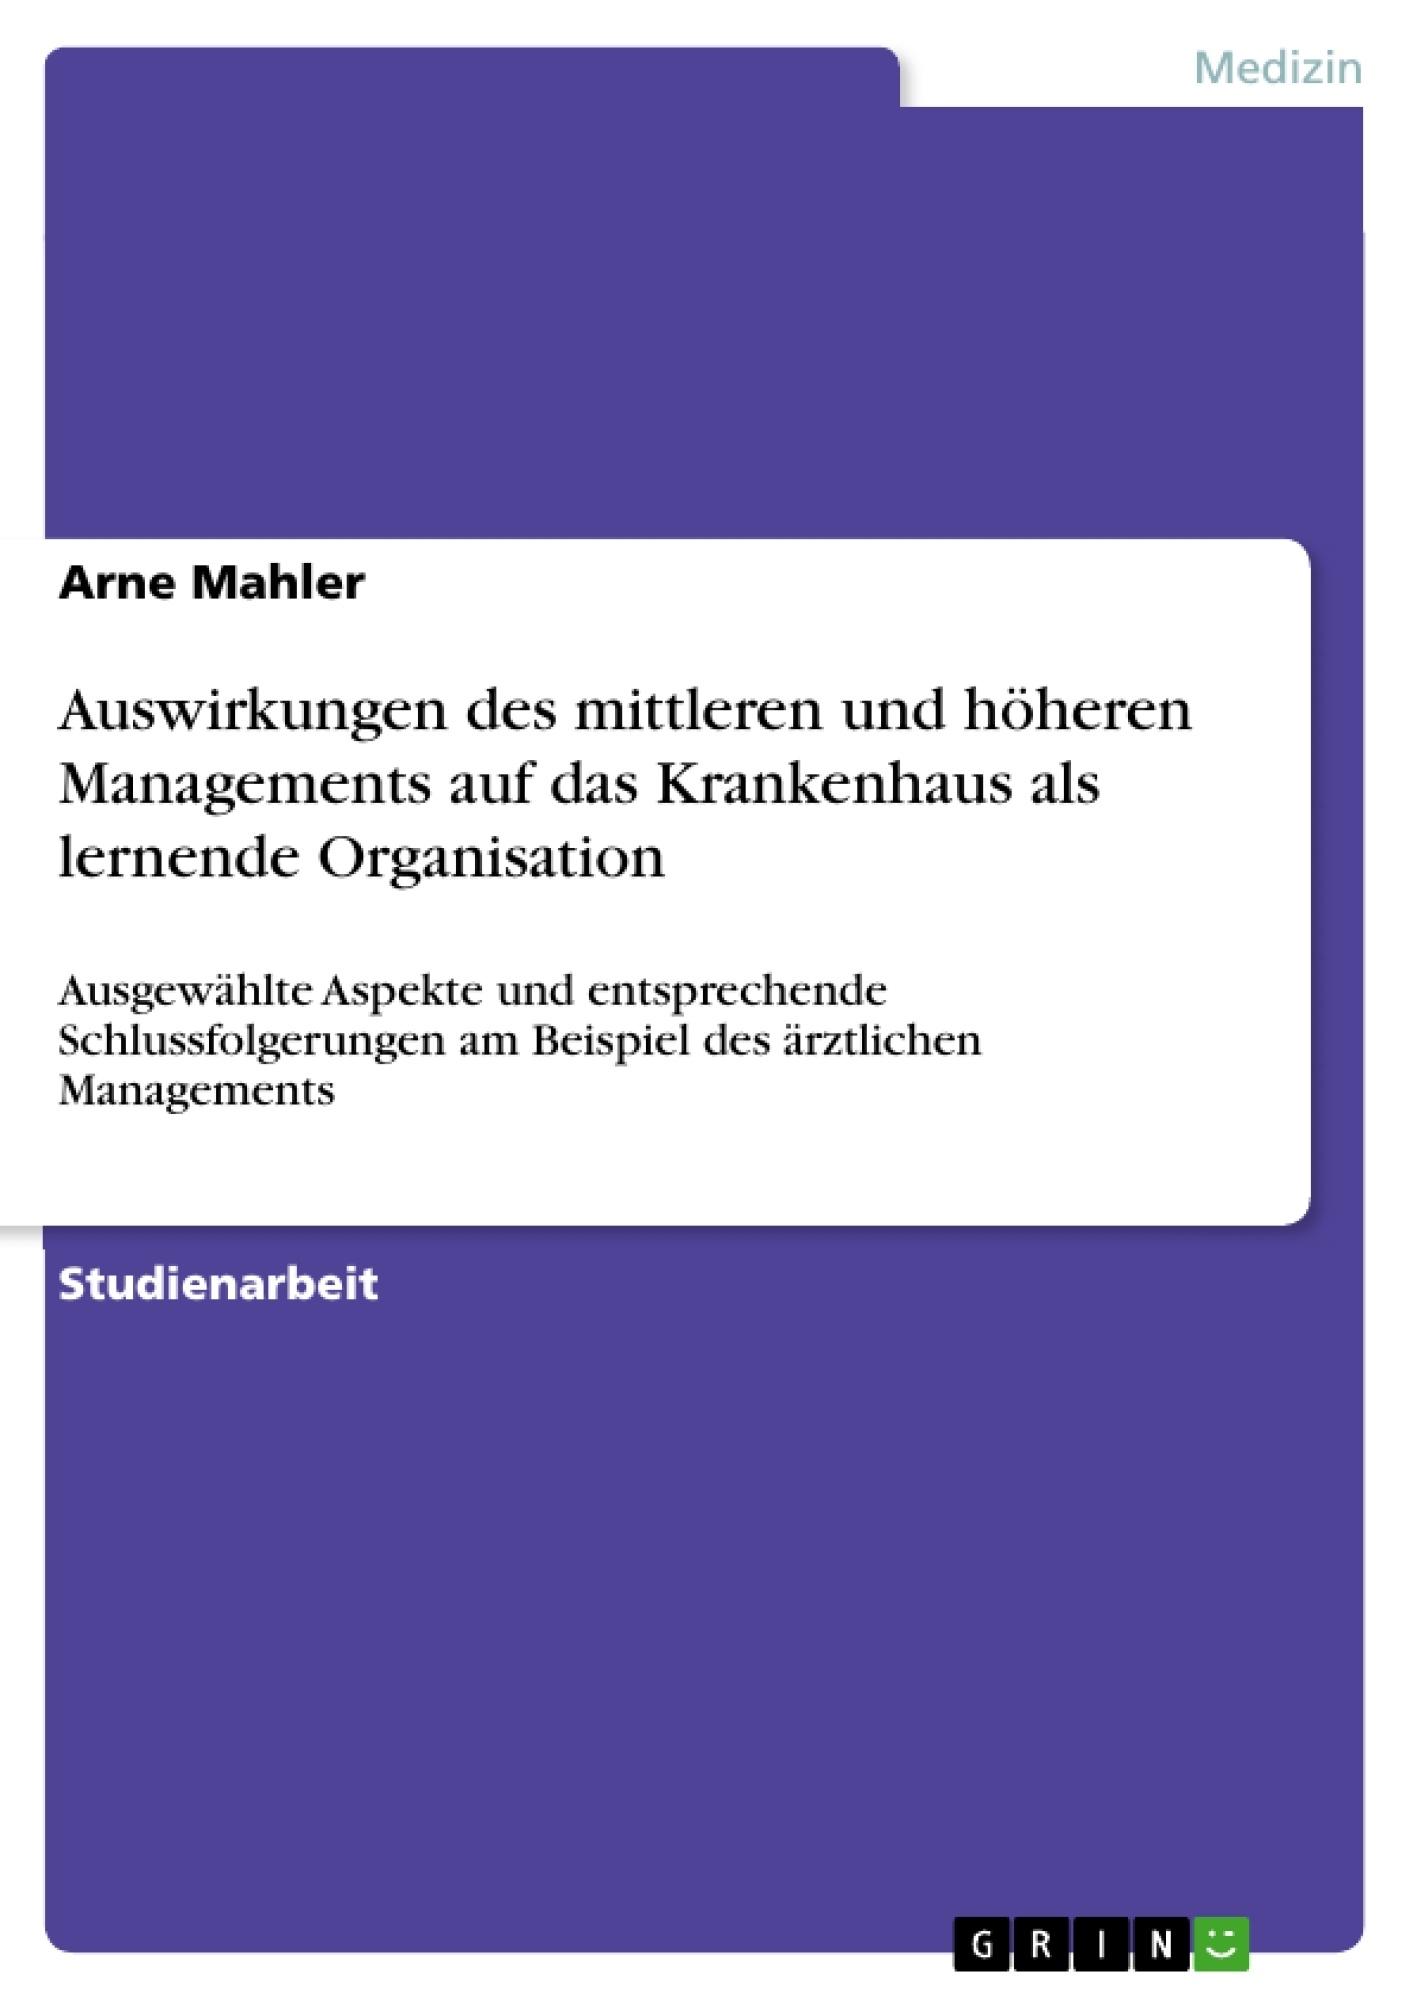 Titel: Auswirkungen des mittleren und höheren Managements auf das Krankenhaus als lernende Organisation